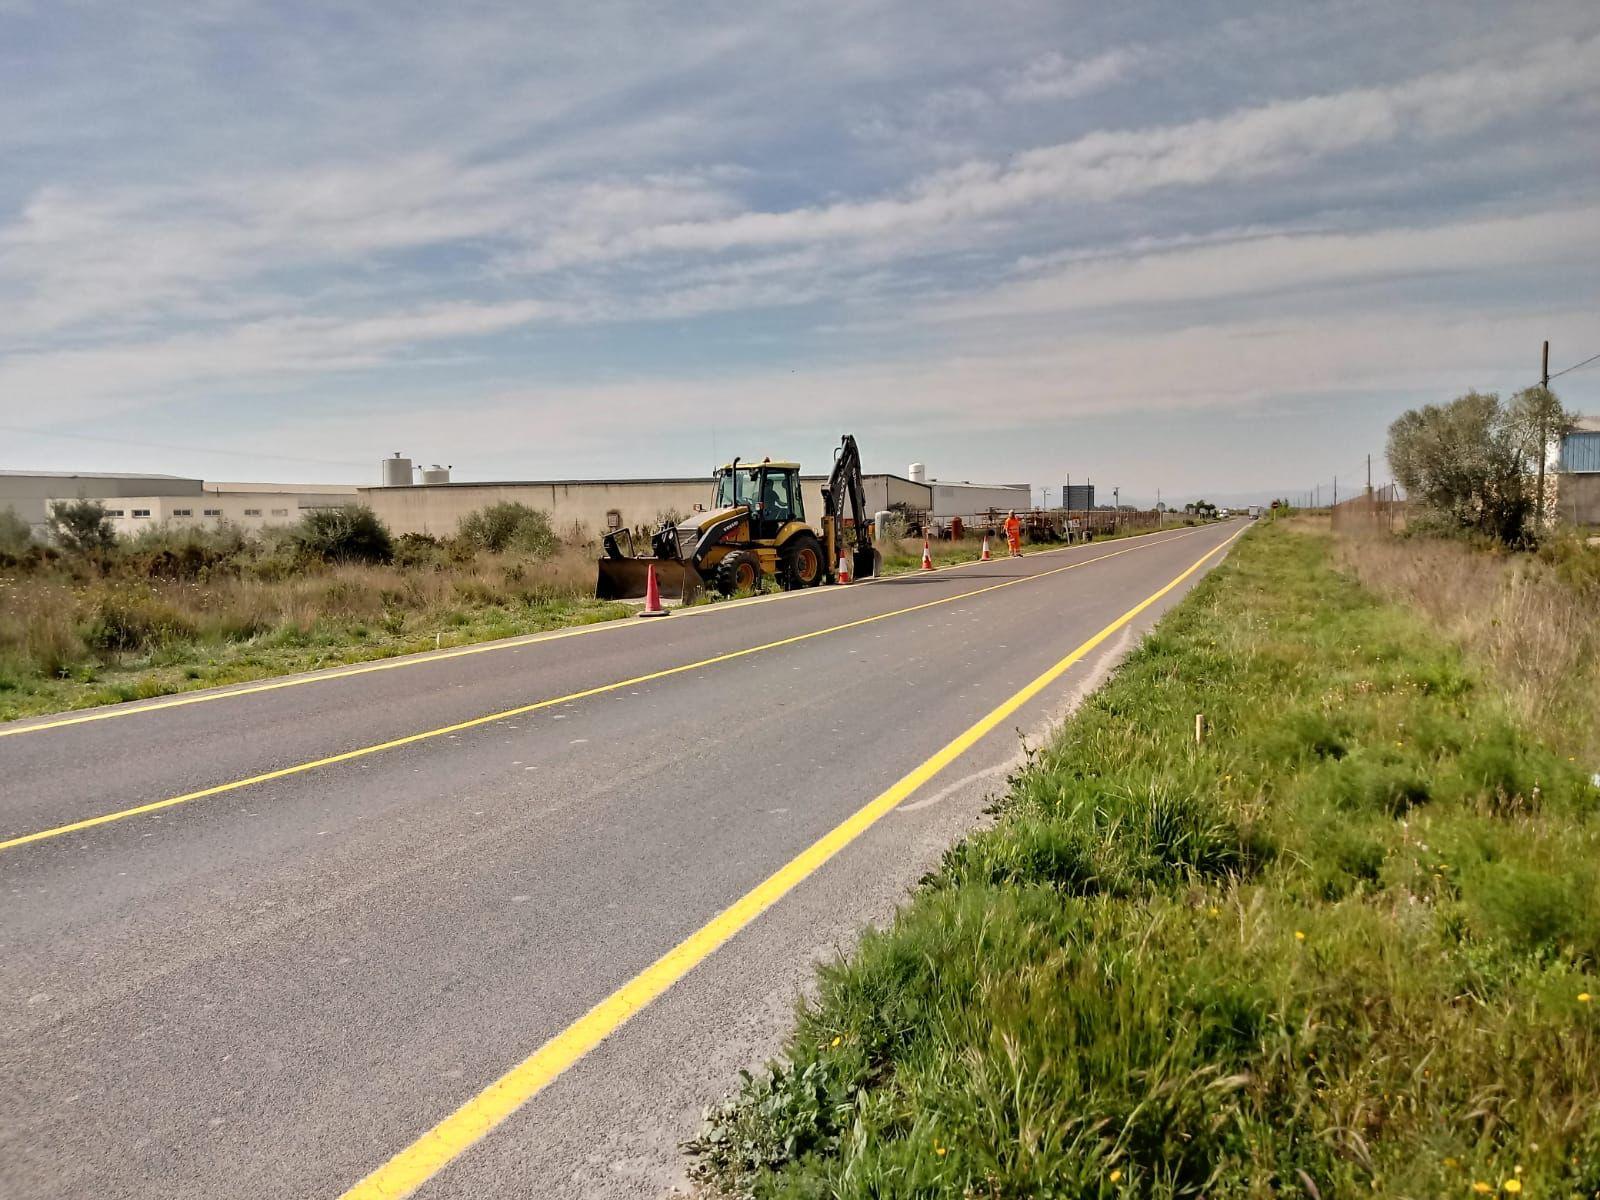 La Conselleria de Obras Públicas inicia la construcción de una rotonda para mejorar la seguridad de los accesos al polígono Planes Altes en Vinaròs